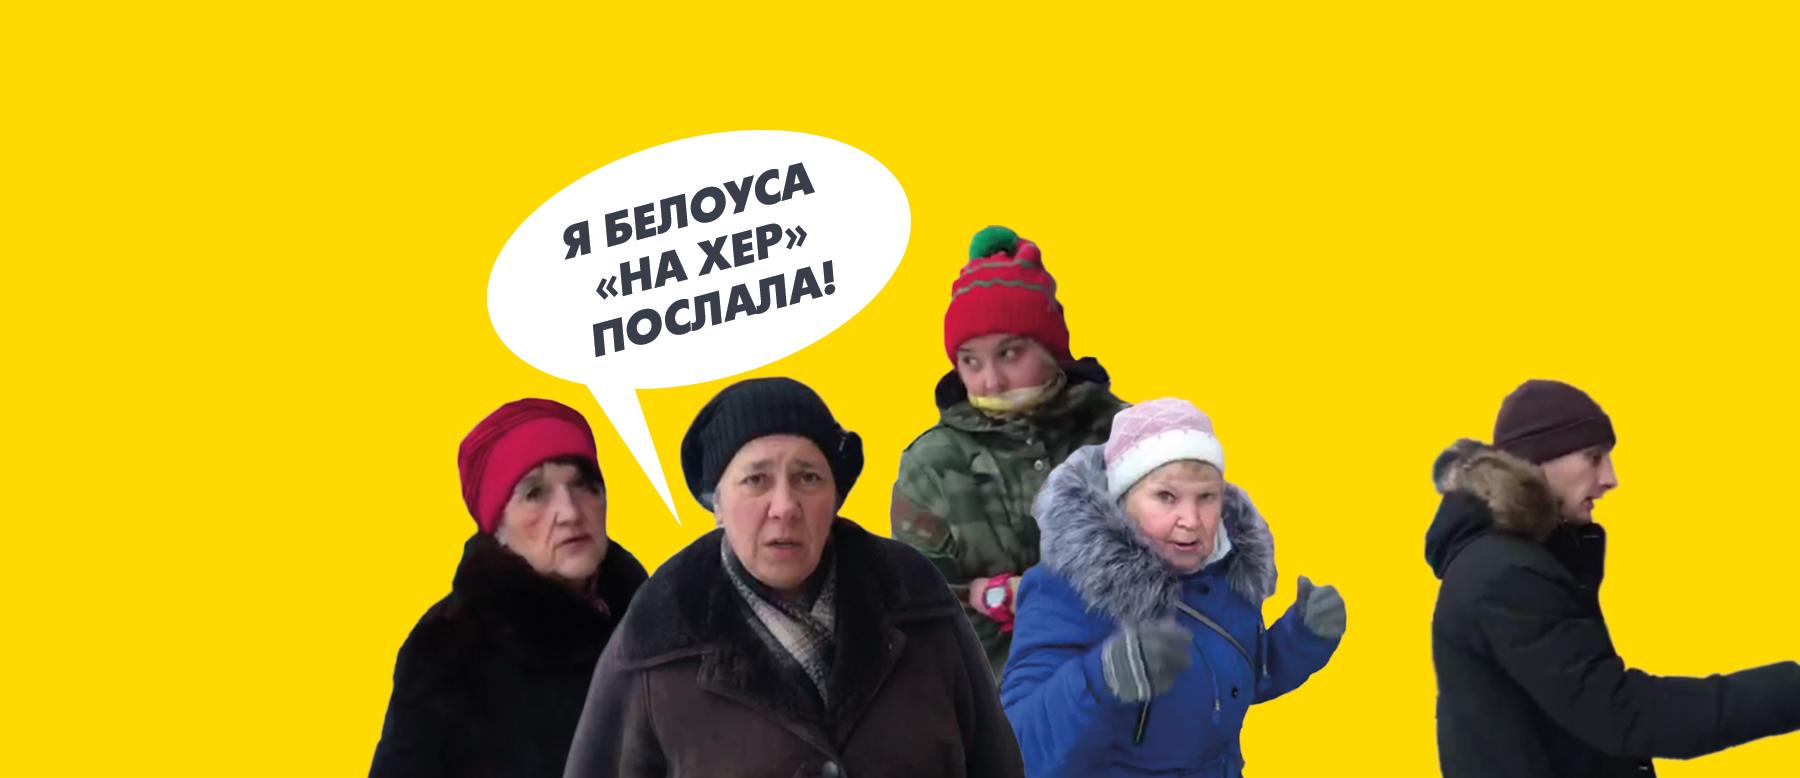 Как консолидировалась «Открытая Россия» в Екатеринбурге